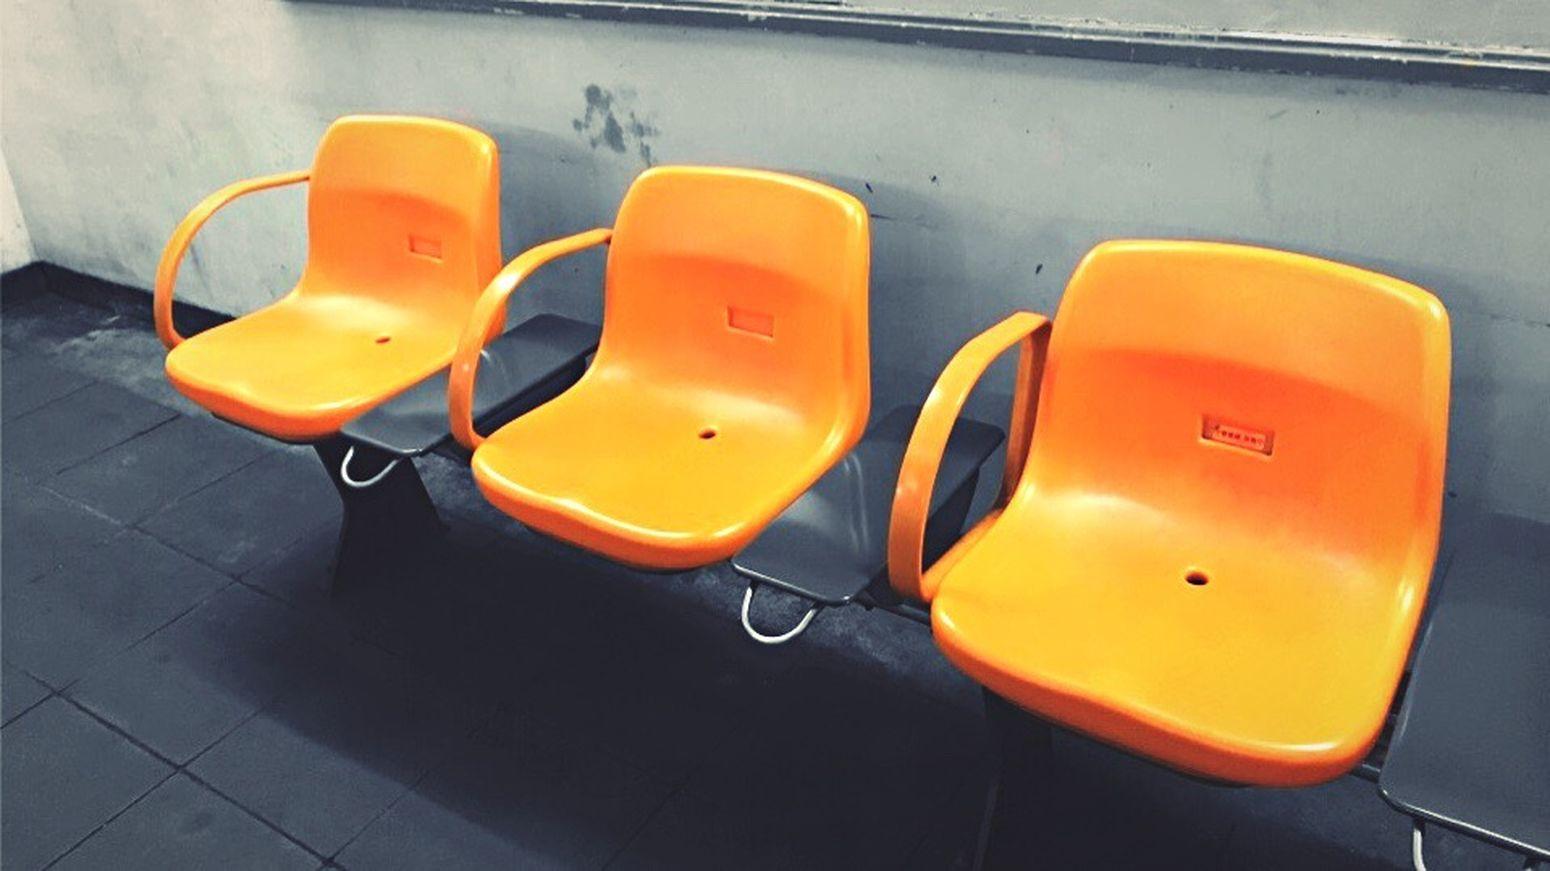 土合駅 Station Chair Orange Color Japan